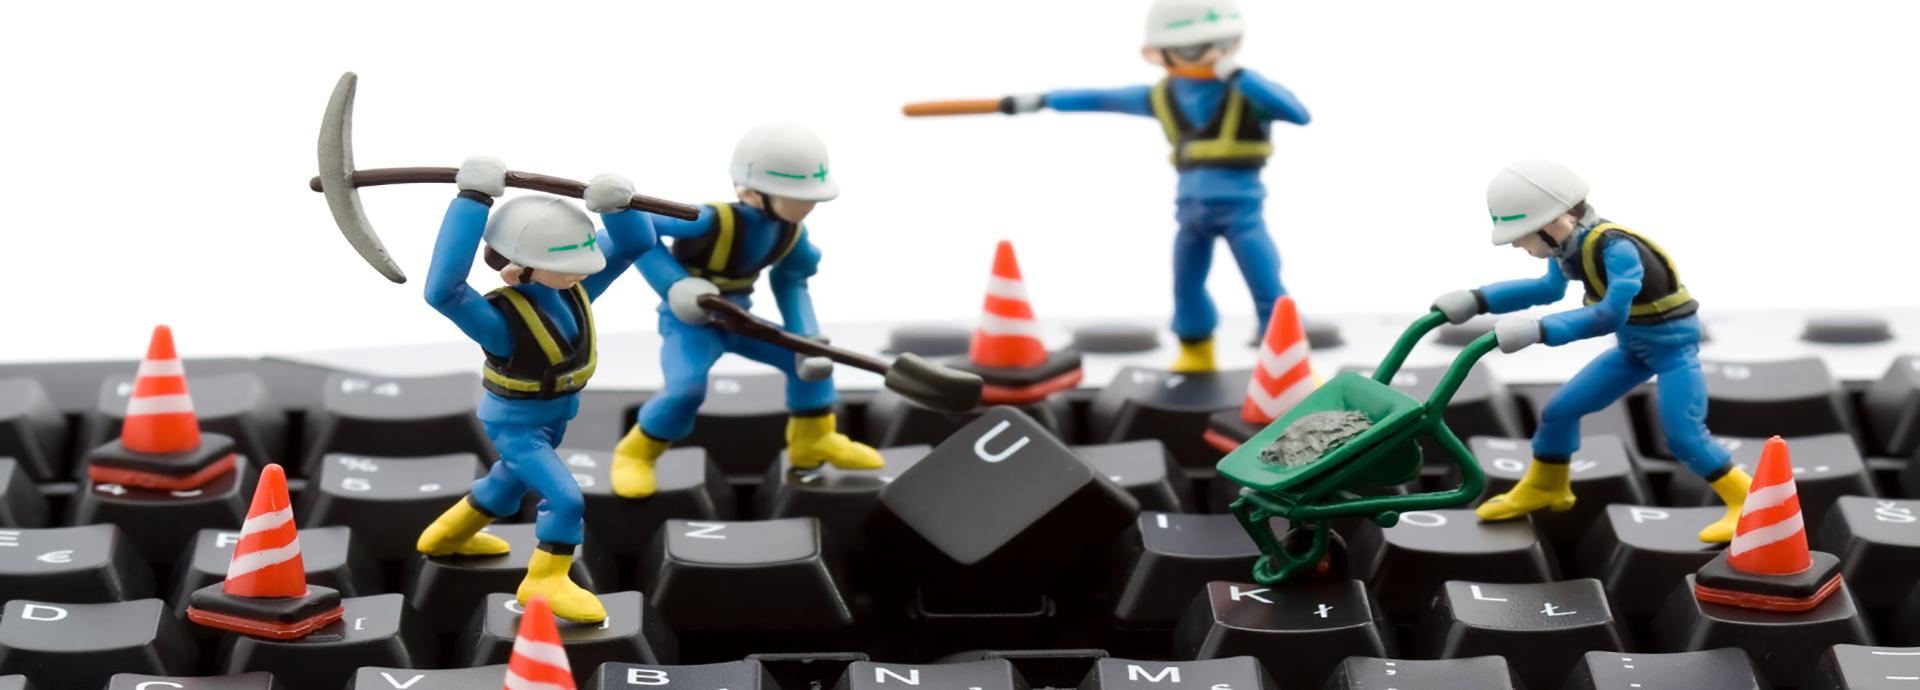 خدمات سخت افزاری و نرم افزاری